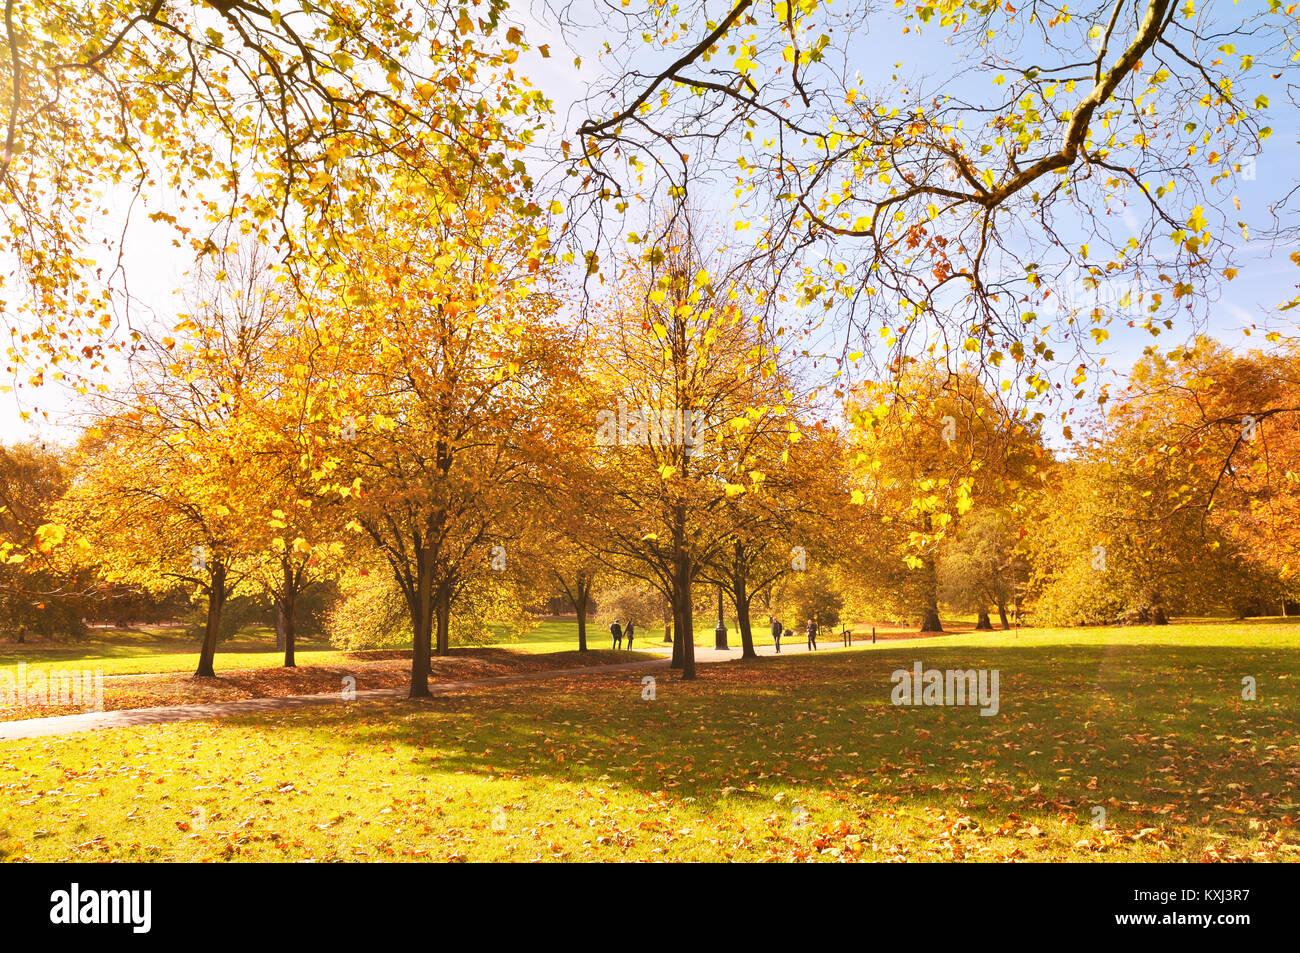 Green Park, Londra. Una giovane coppia camminare mano nella mano tra colorate di alberi in una bella giornata di sole in autunno. Foto Stock